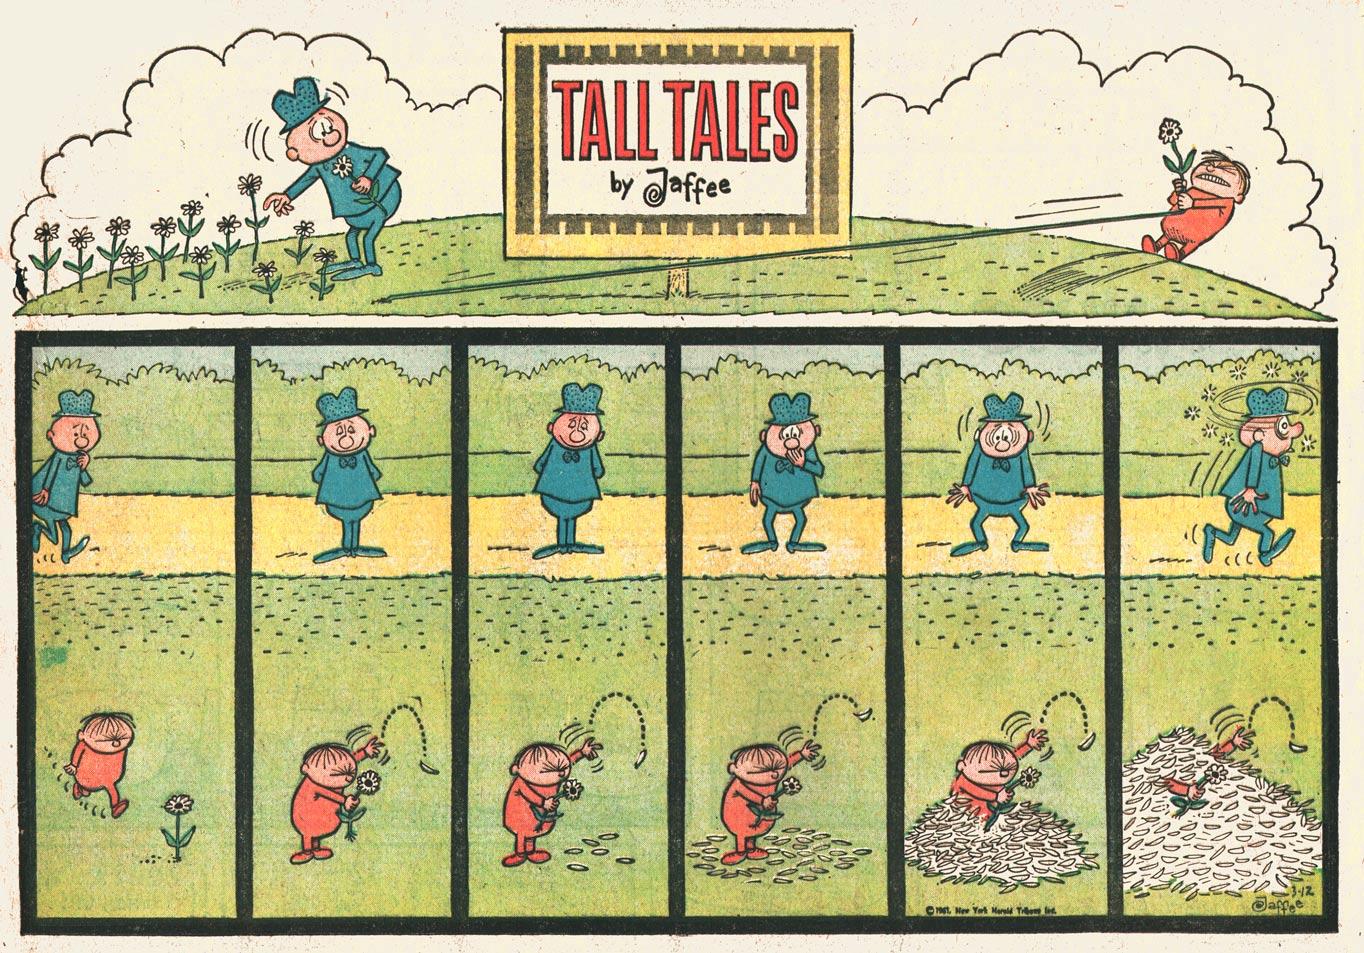 AlJAffee-Tall-Tales-1961-03-12